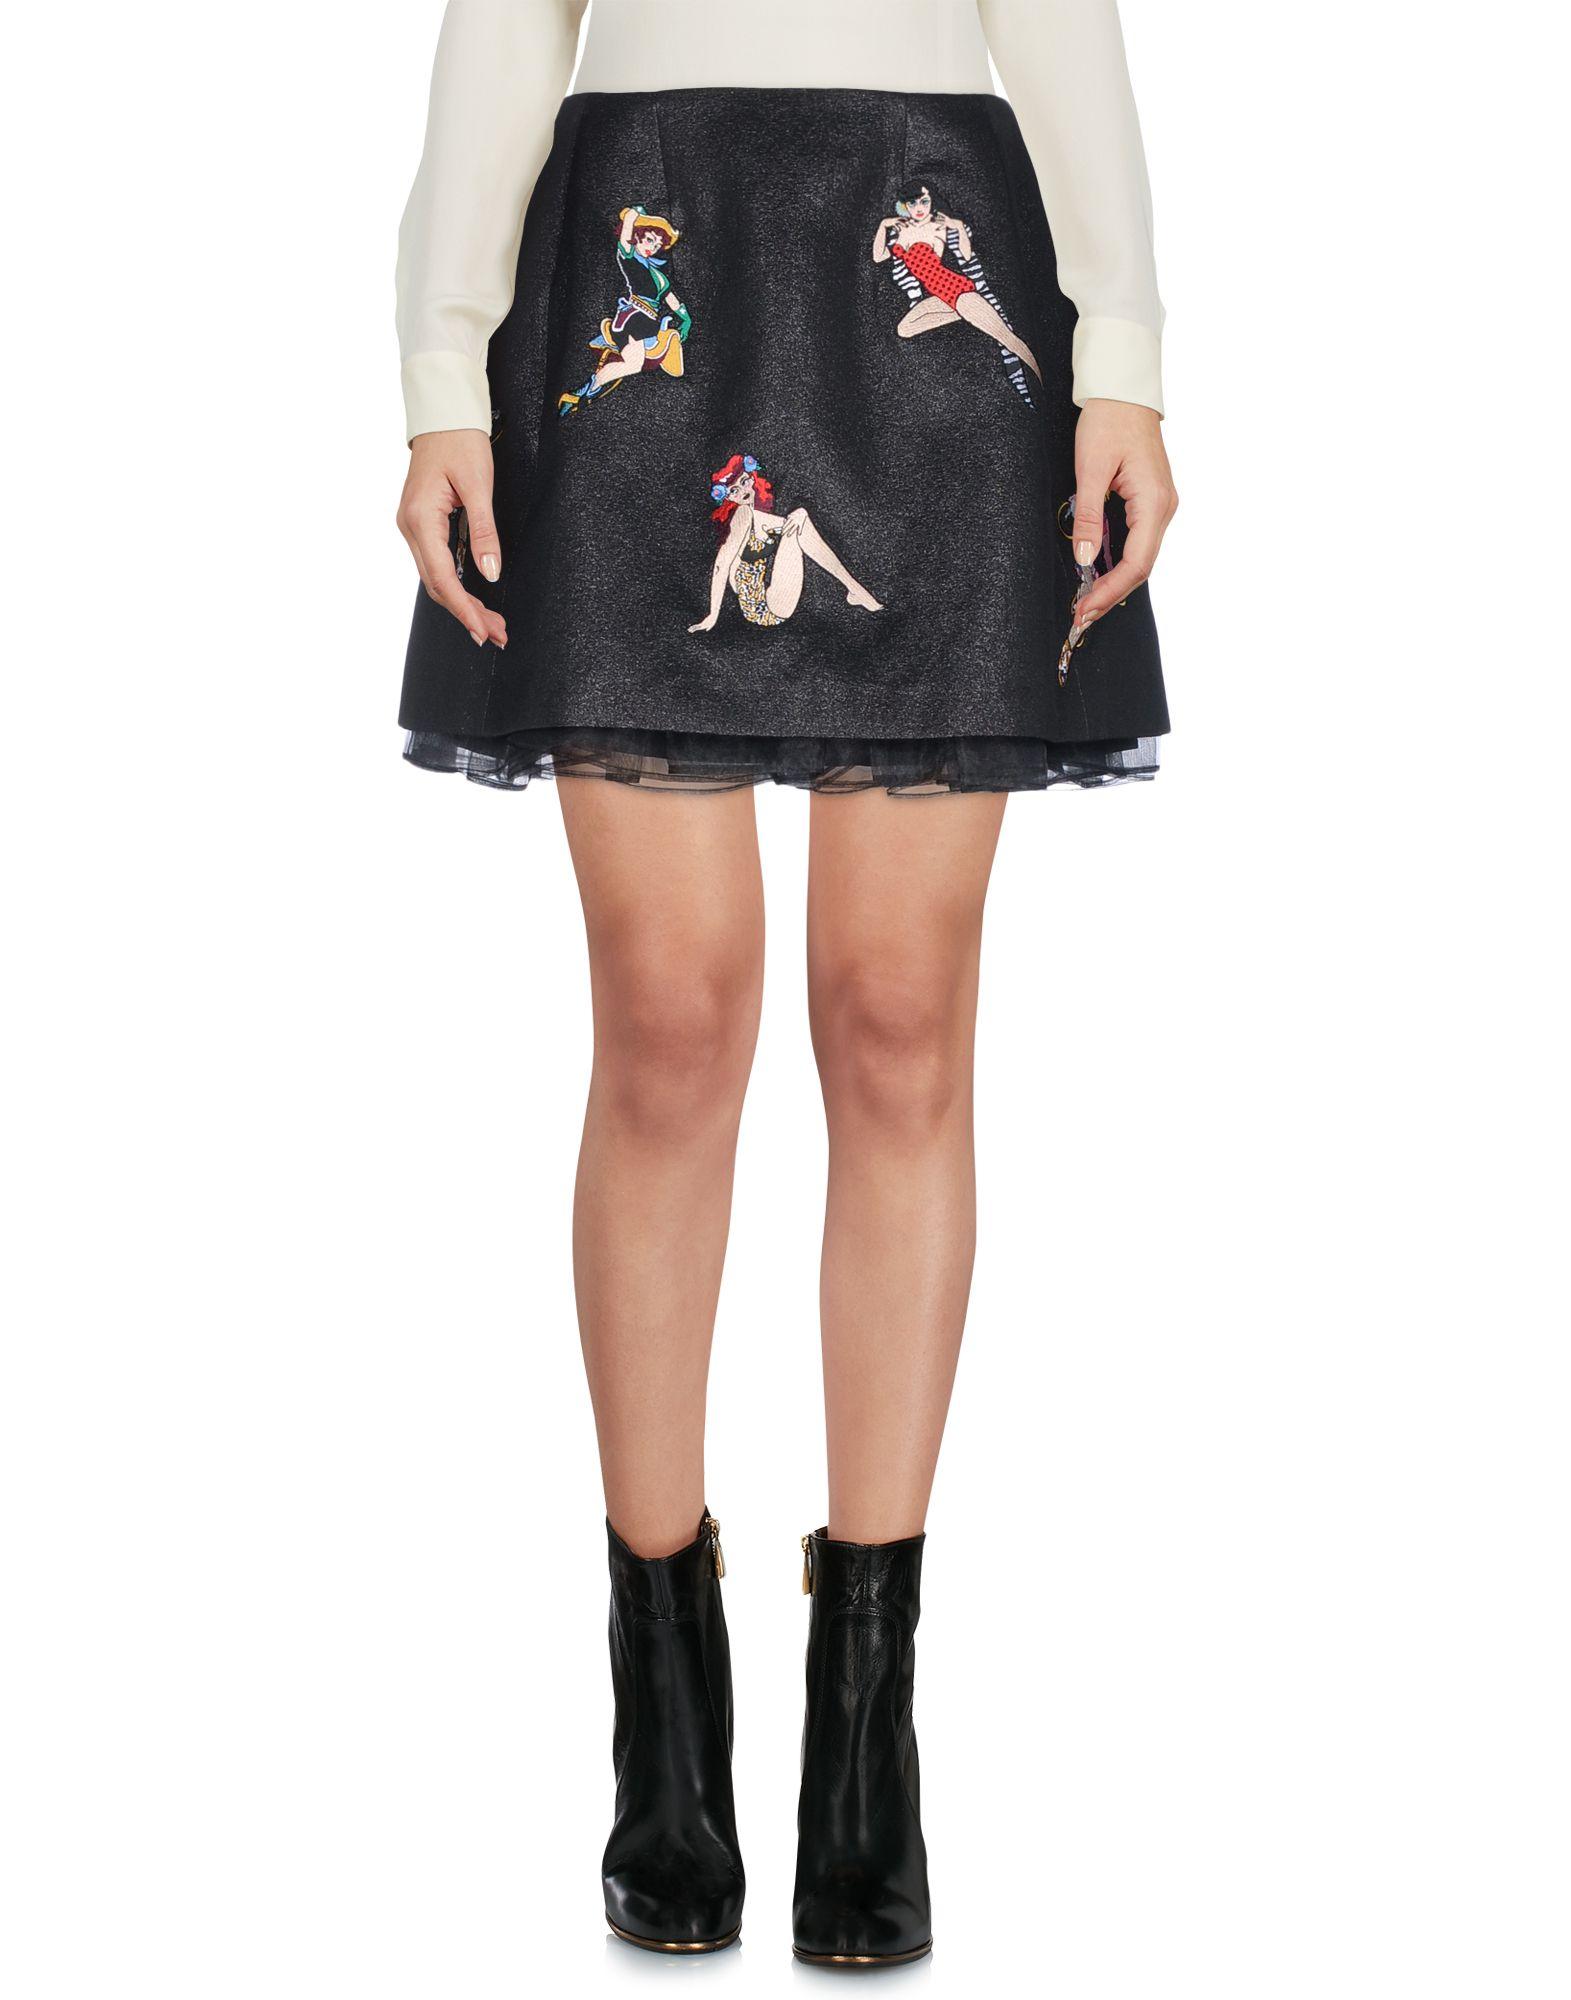 Minigonna Just Cavalli Donna - Acquista online su STErwM7